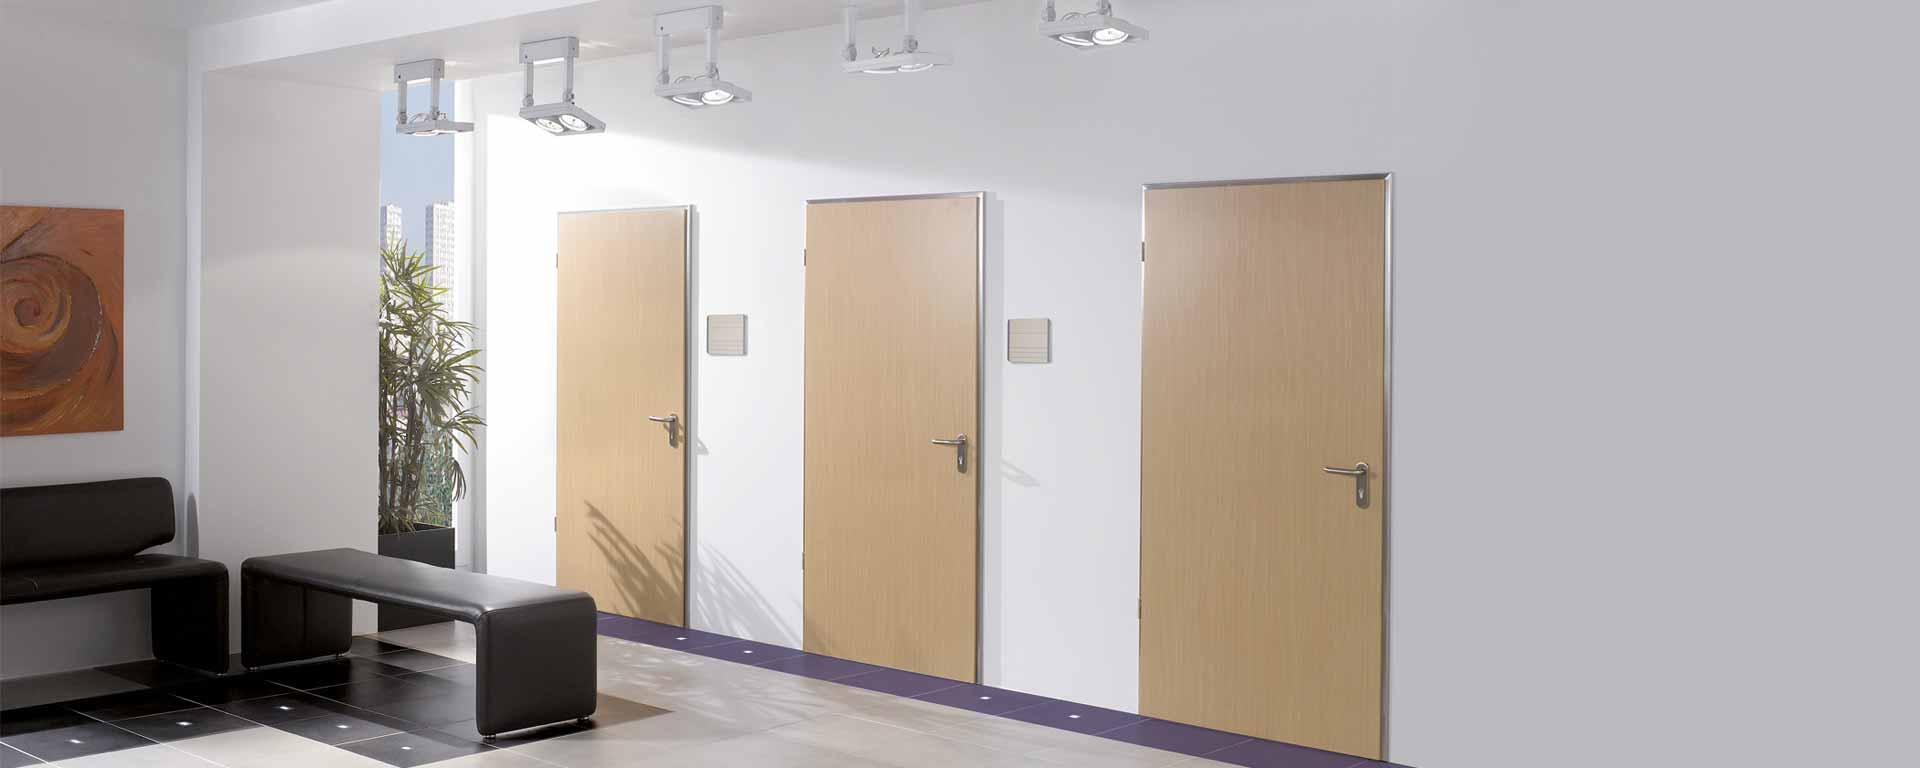 Türen für den Objektbau